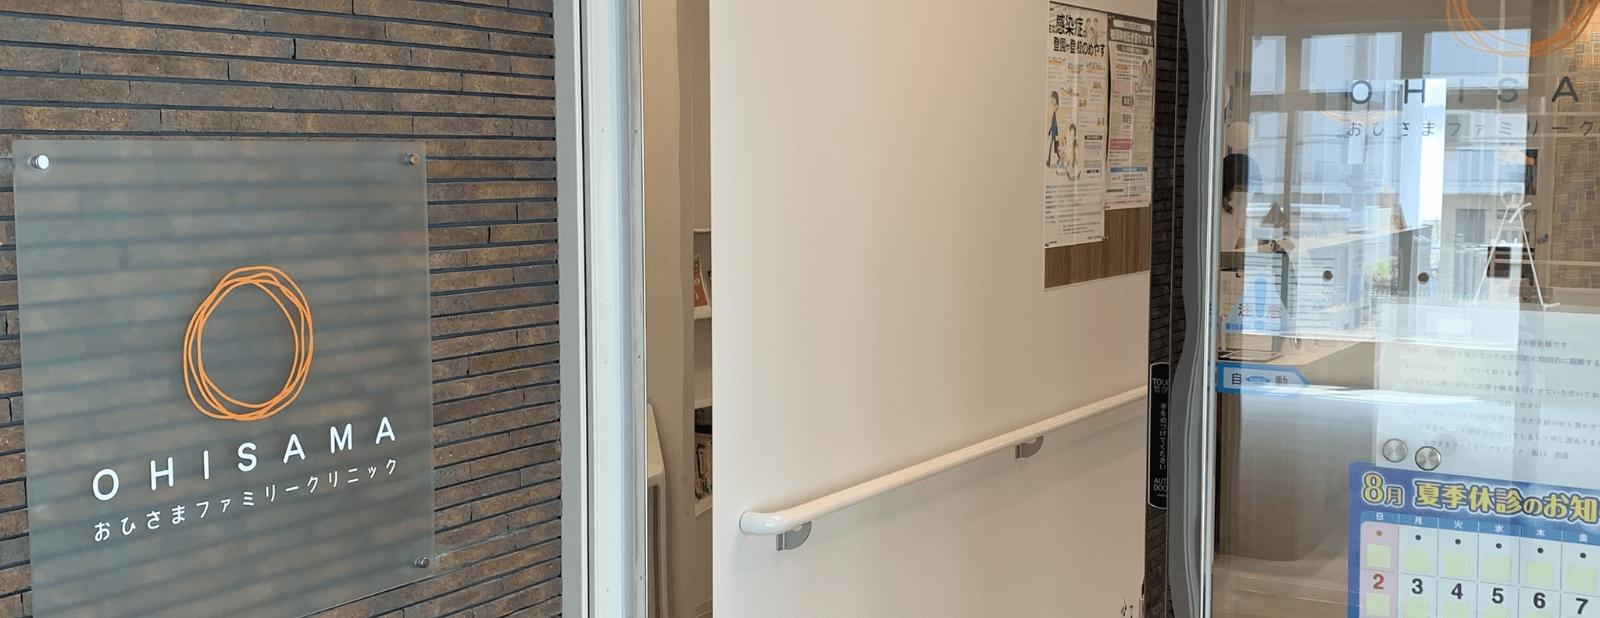 クリニック入口の画像